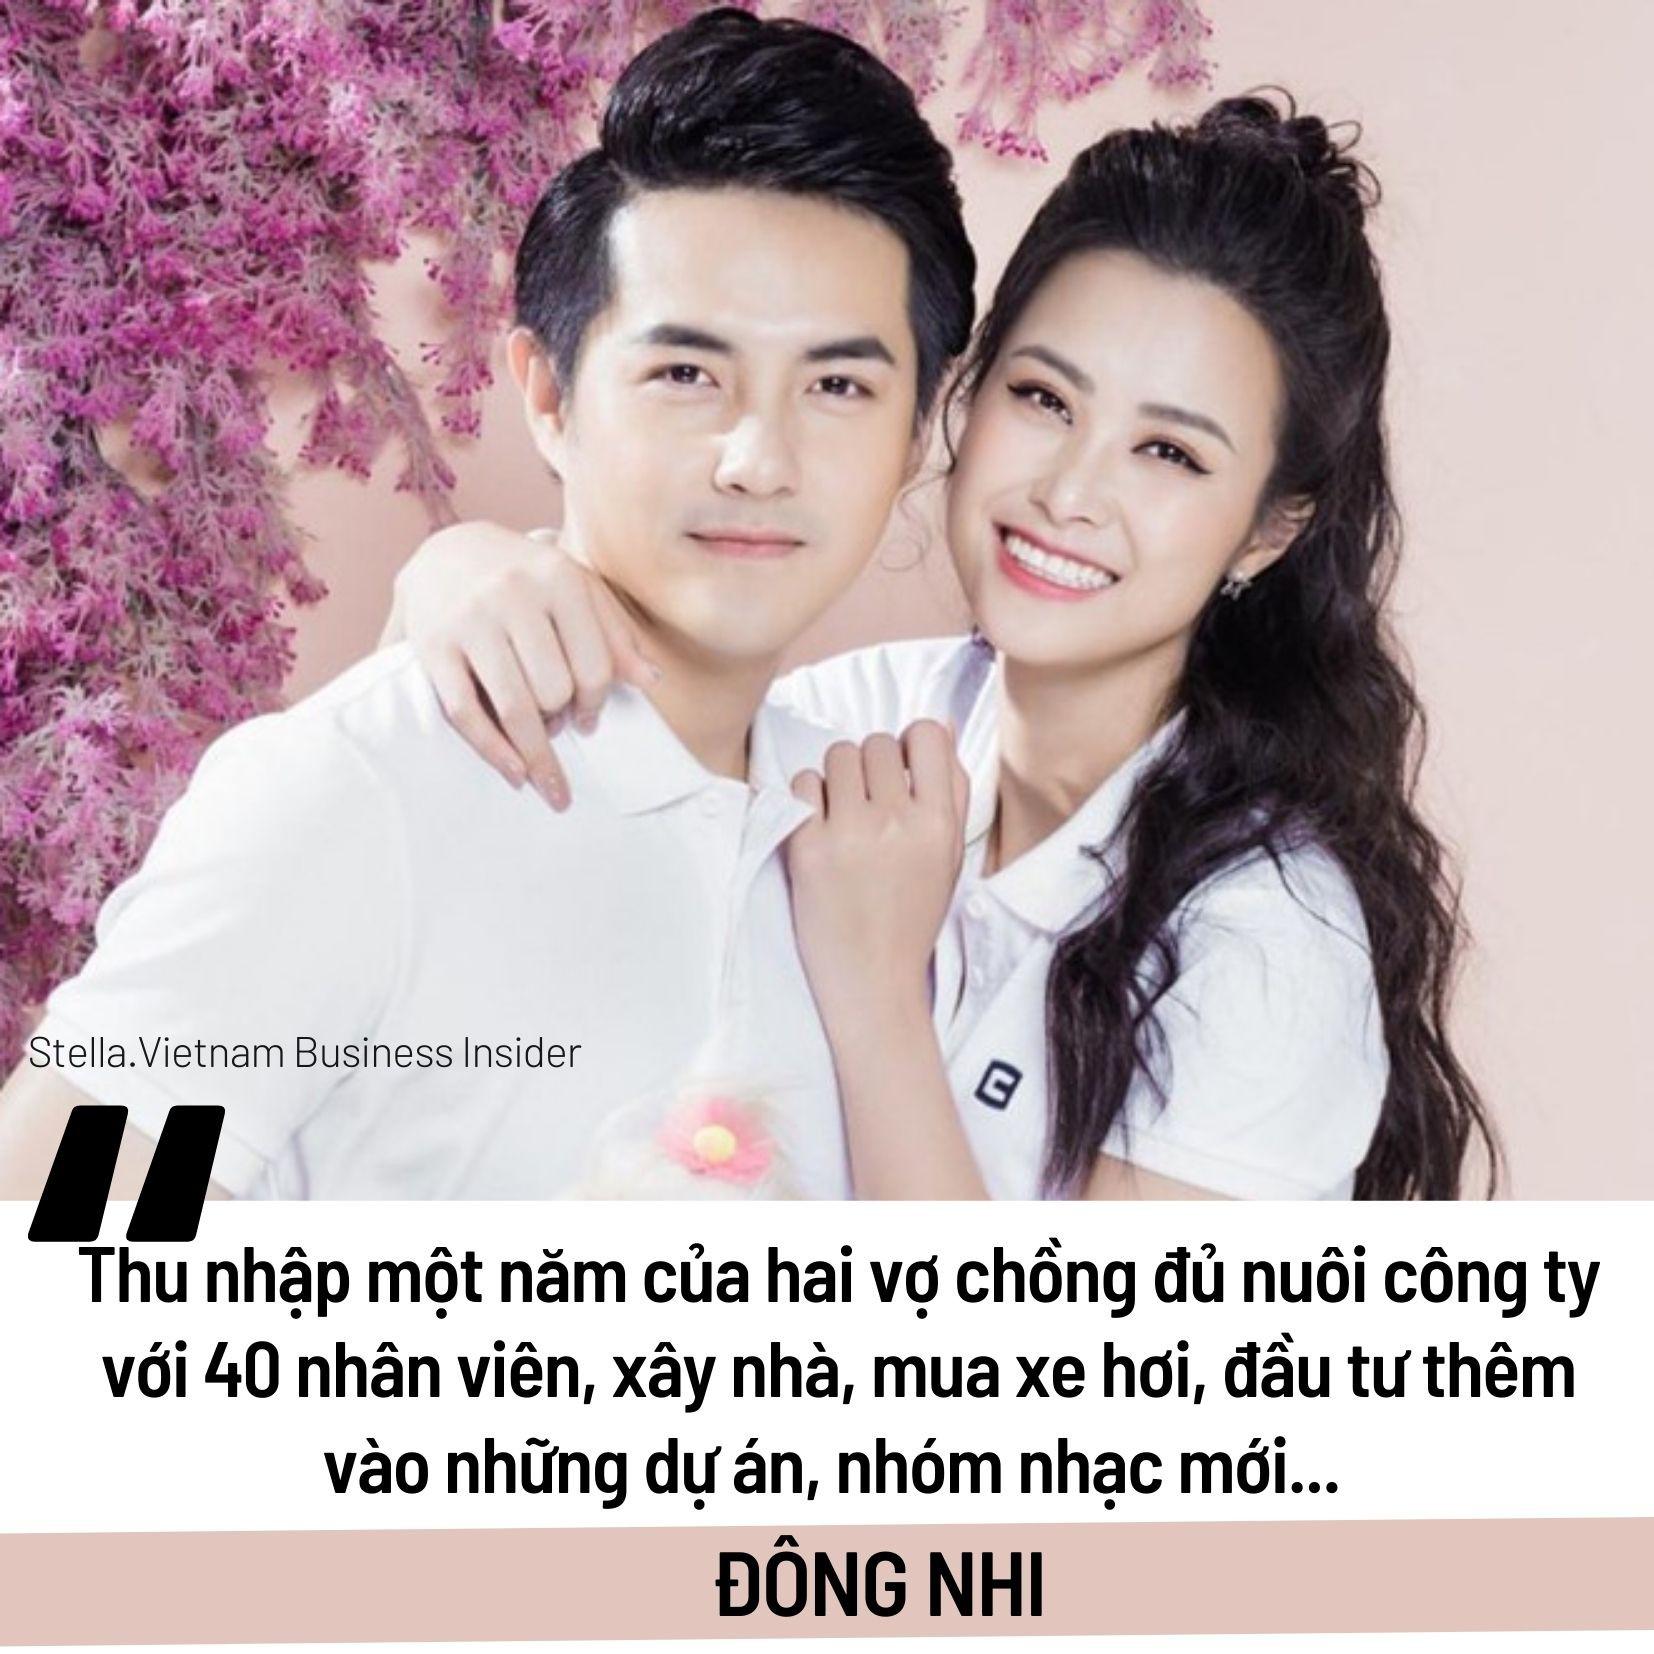 vietnambusinessinsider-8-1621399808.jpg